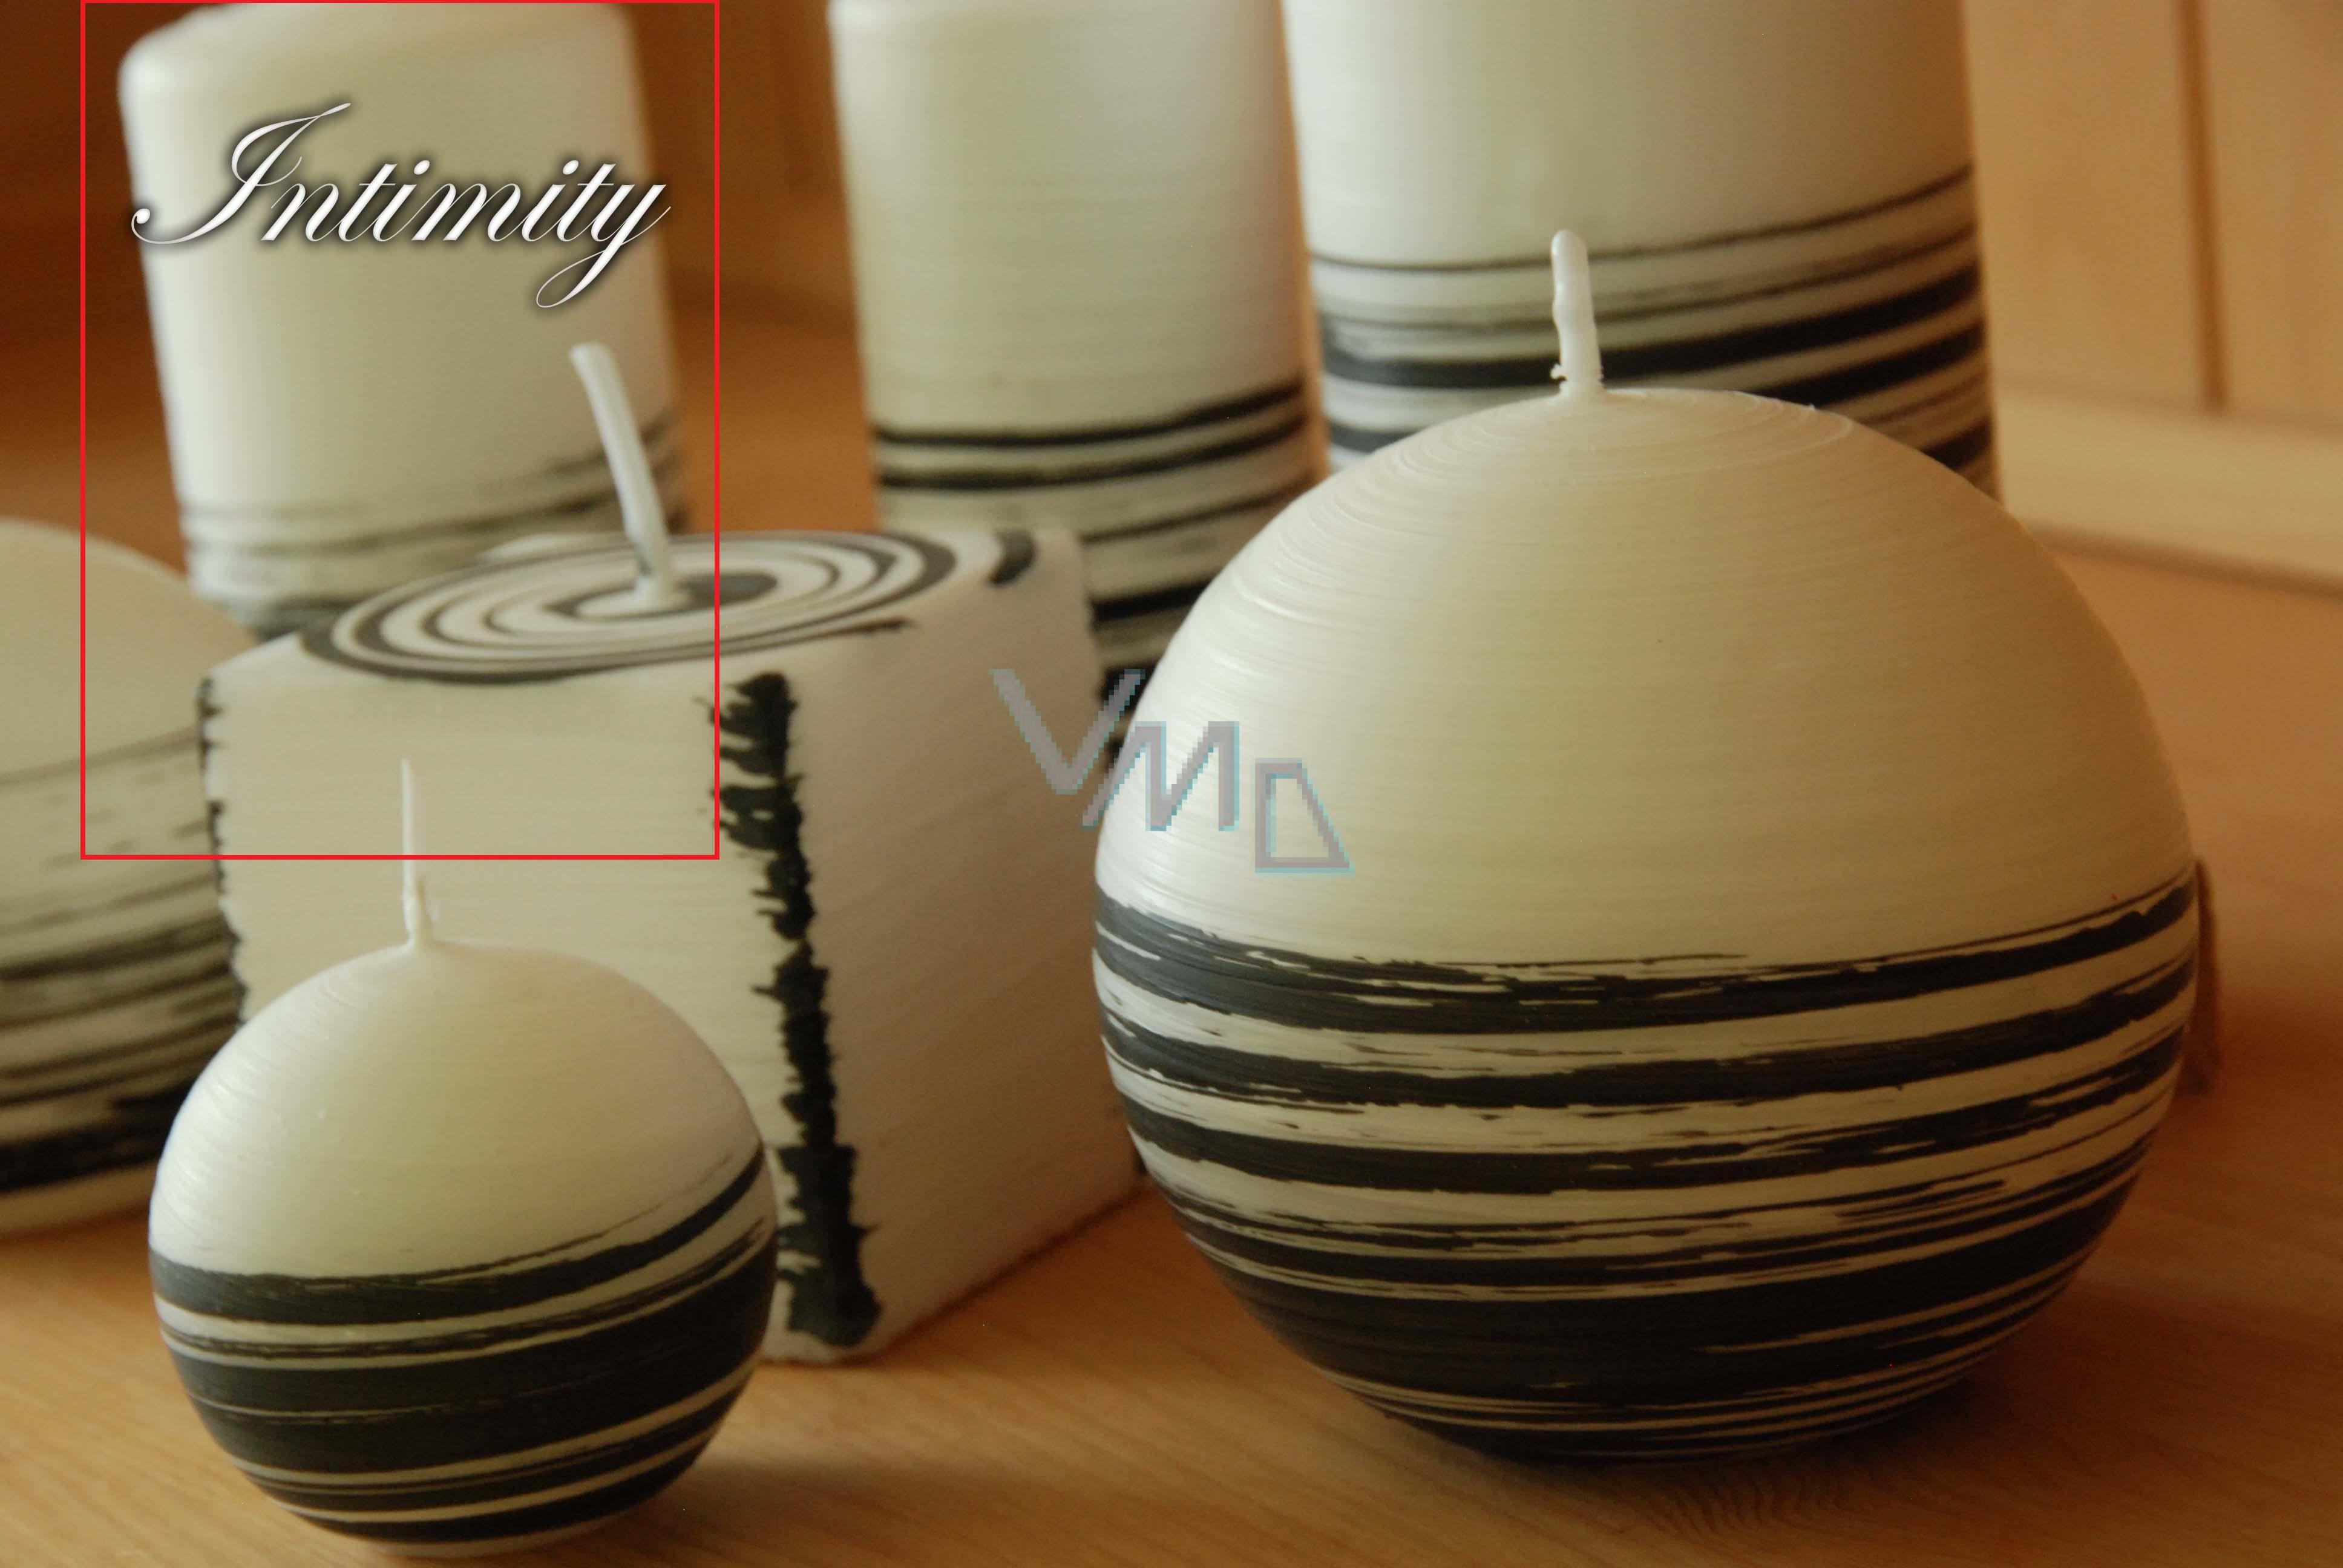 Lima Aromatická spirála Intimity svíčka bílo - černá válec 50 x 100 mm 1 kus